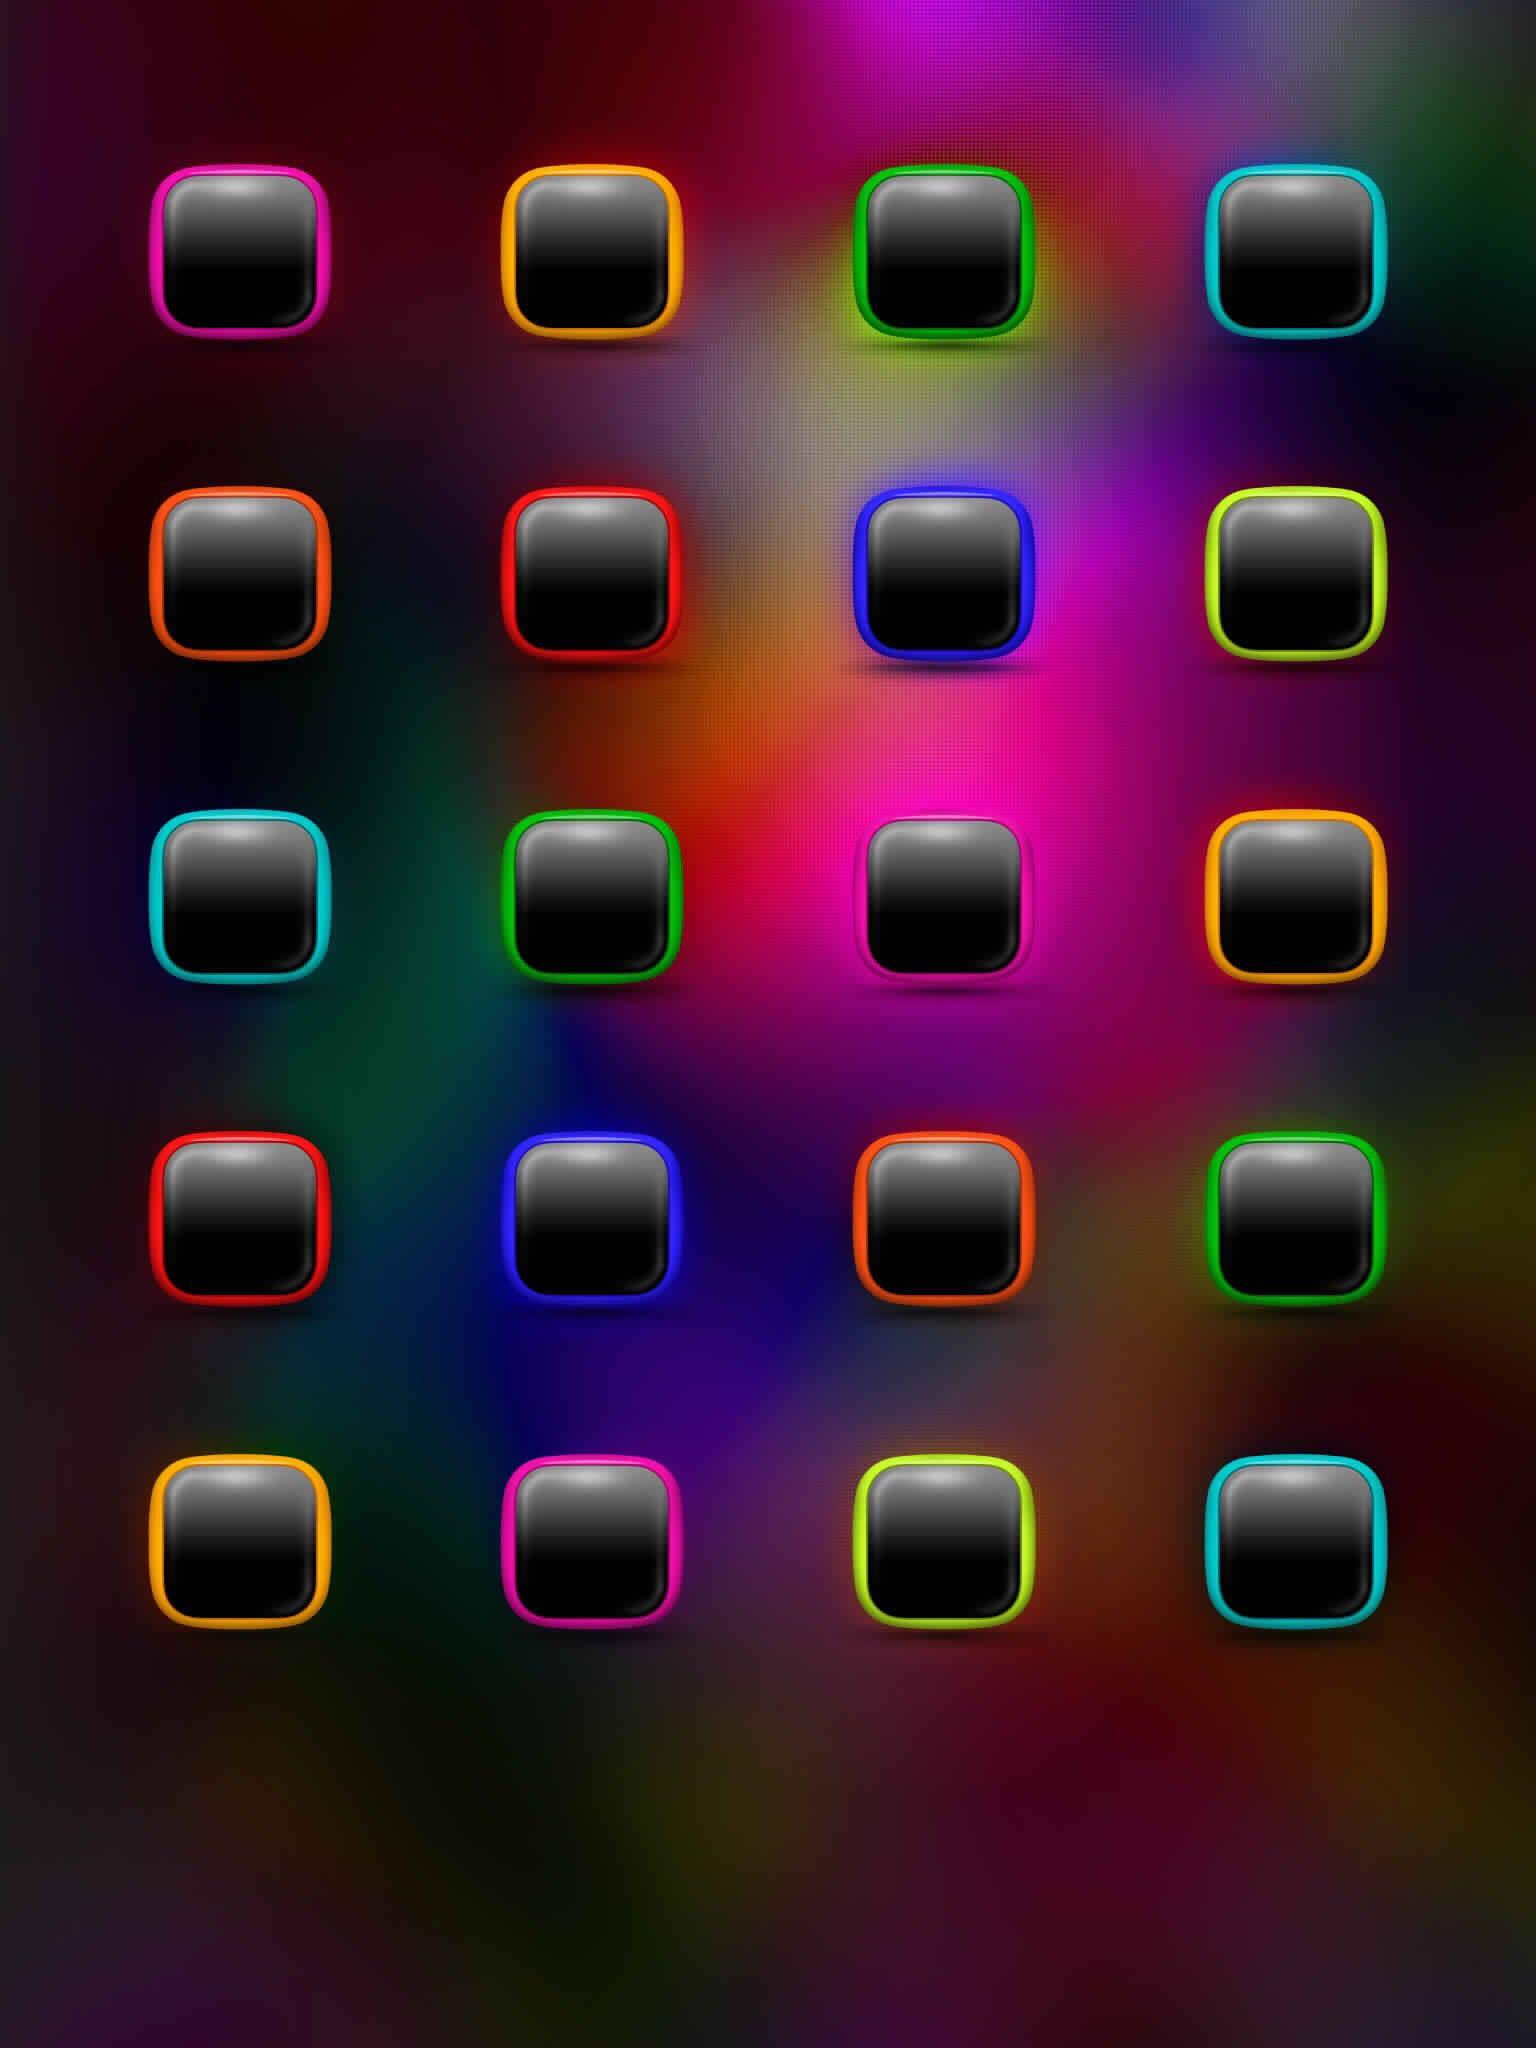 App / Icon Skin Wallpaper Ipad hintergrundbild